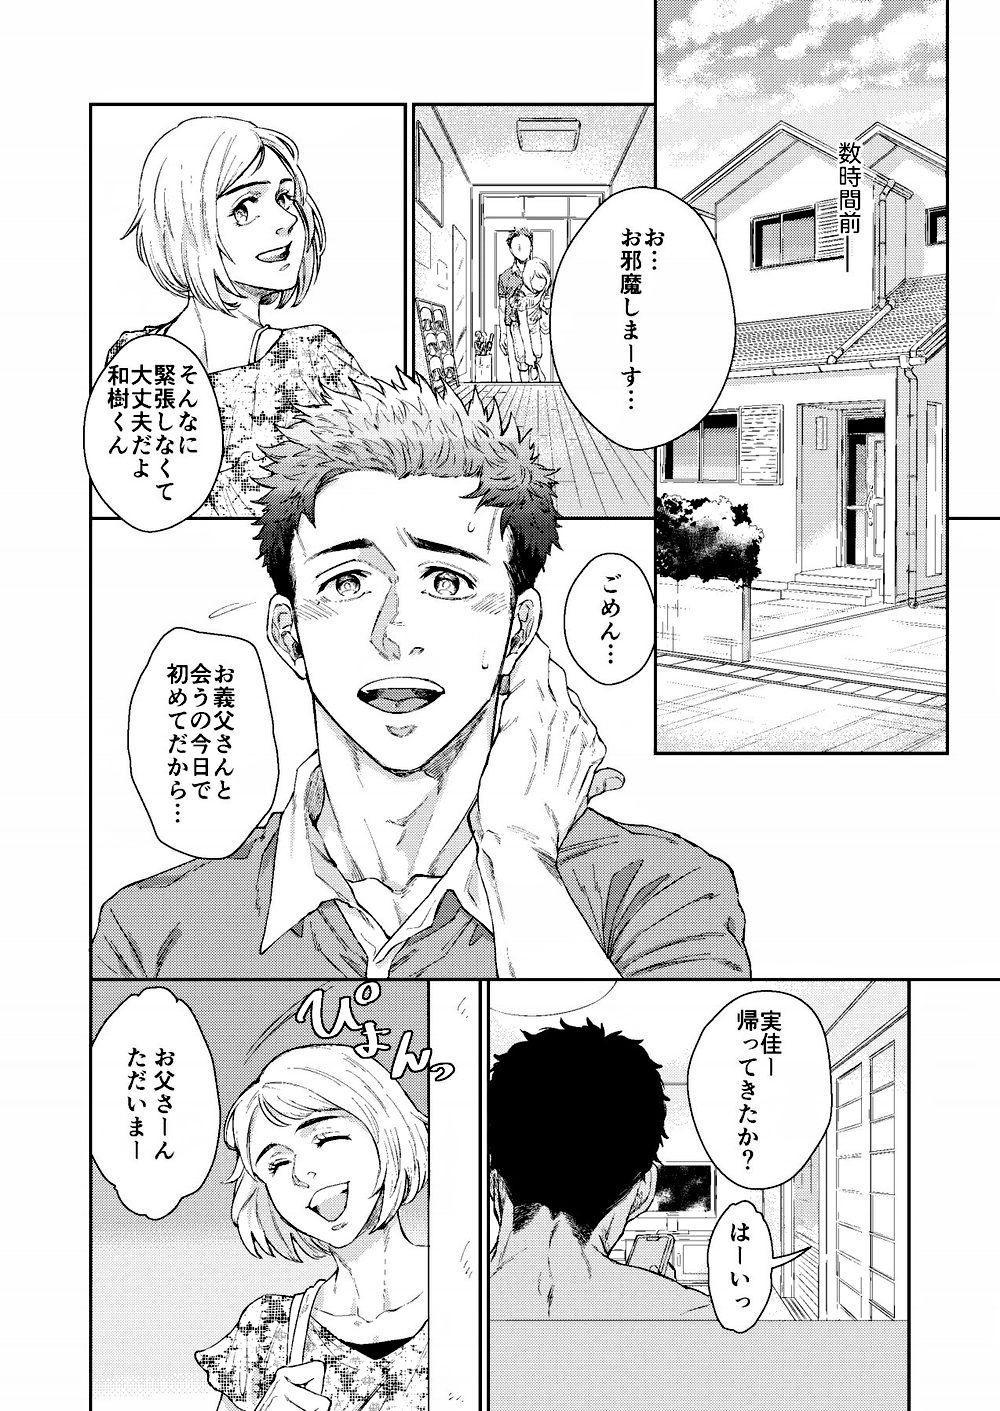 Kamishimo o nuide hitotsu bureikō 3